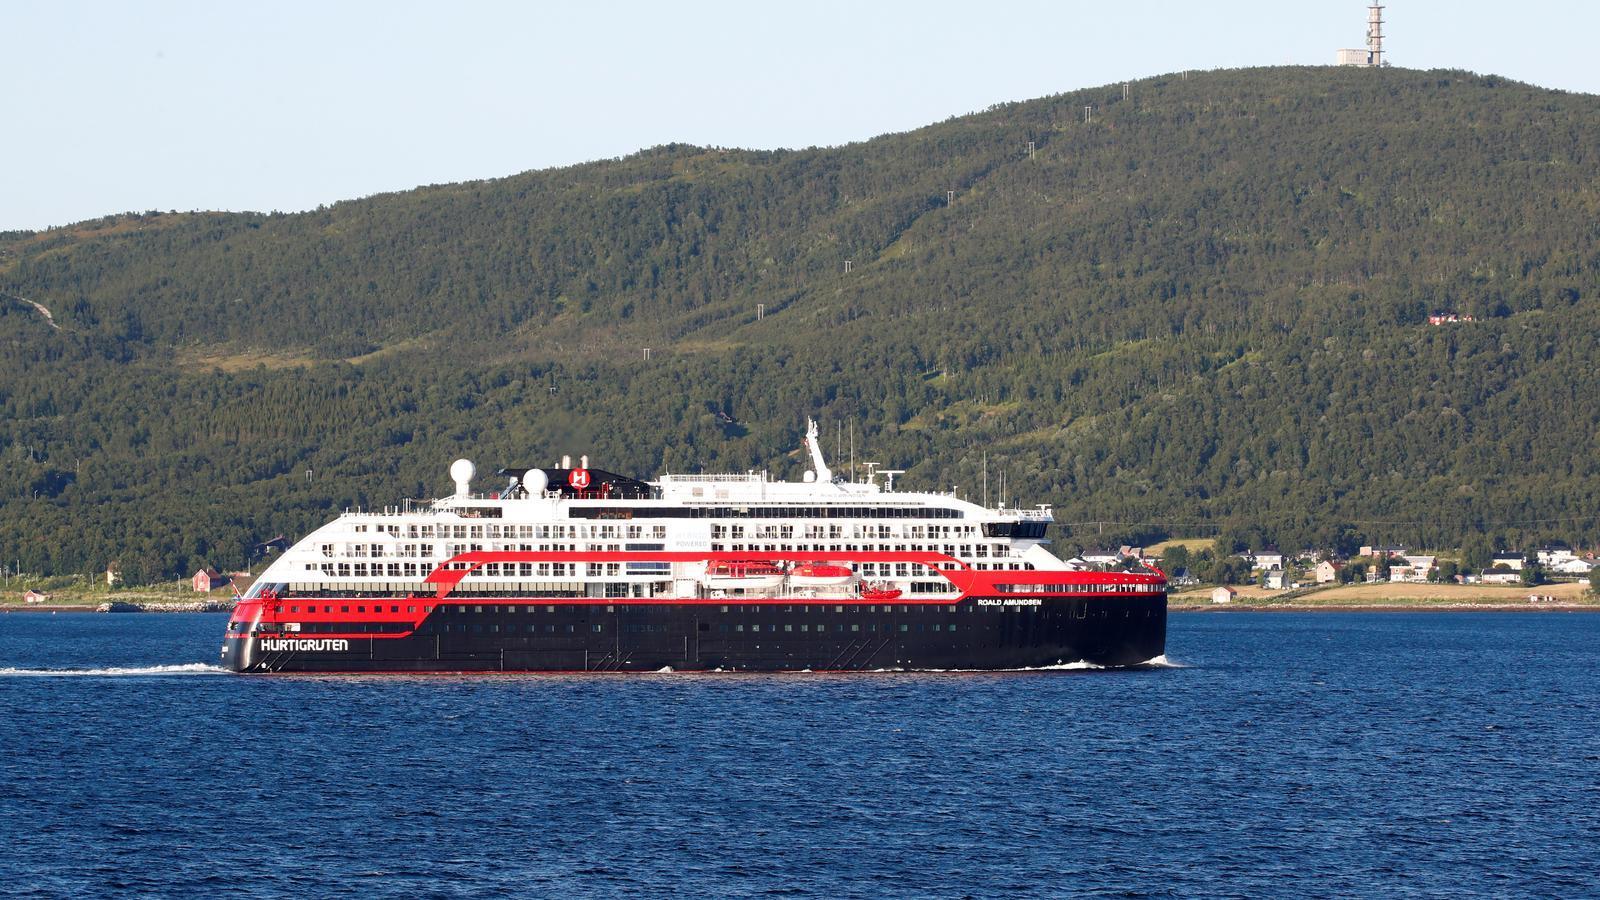 El creuer en què s'han registrat diversos positius de covid-19 mentre abandona el port de Tromso, a Noruega.